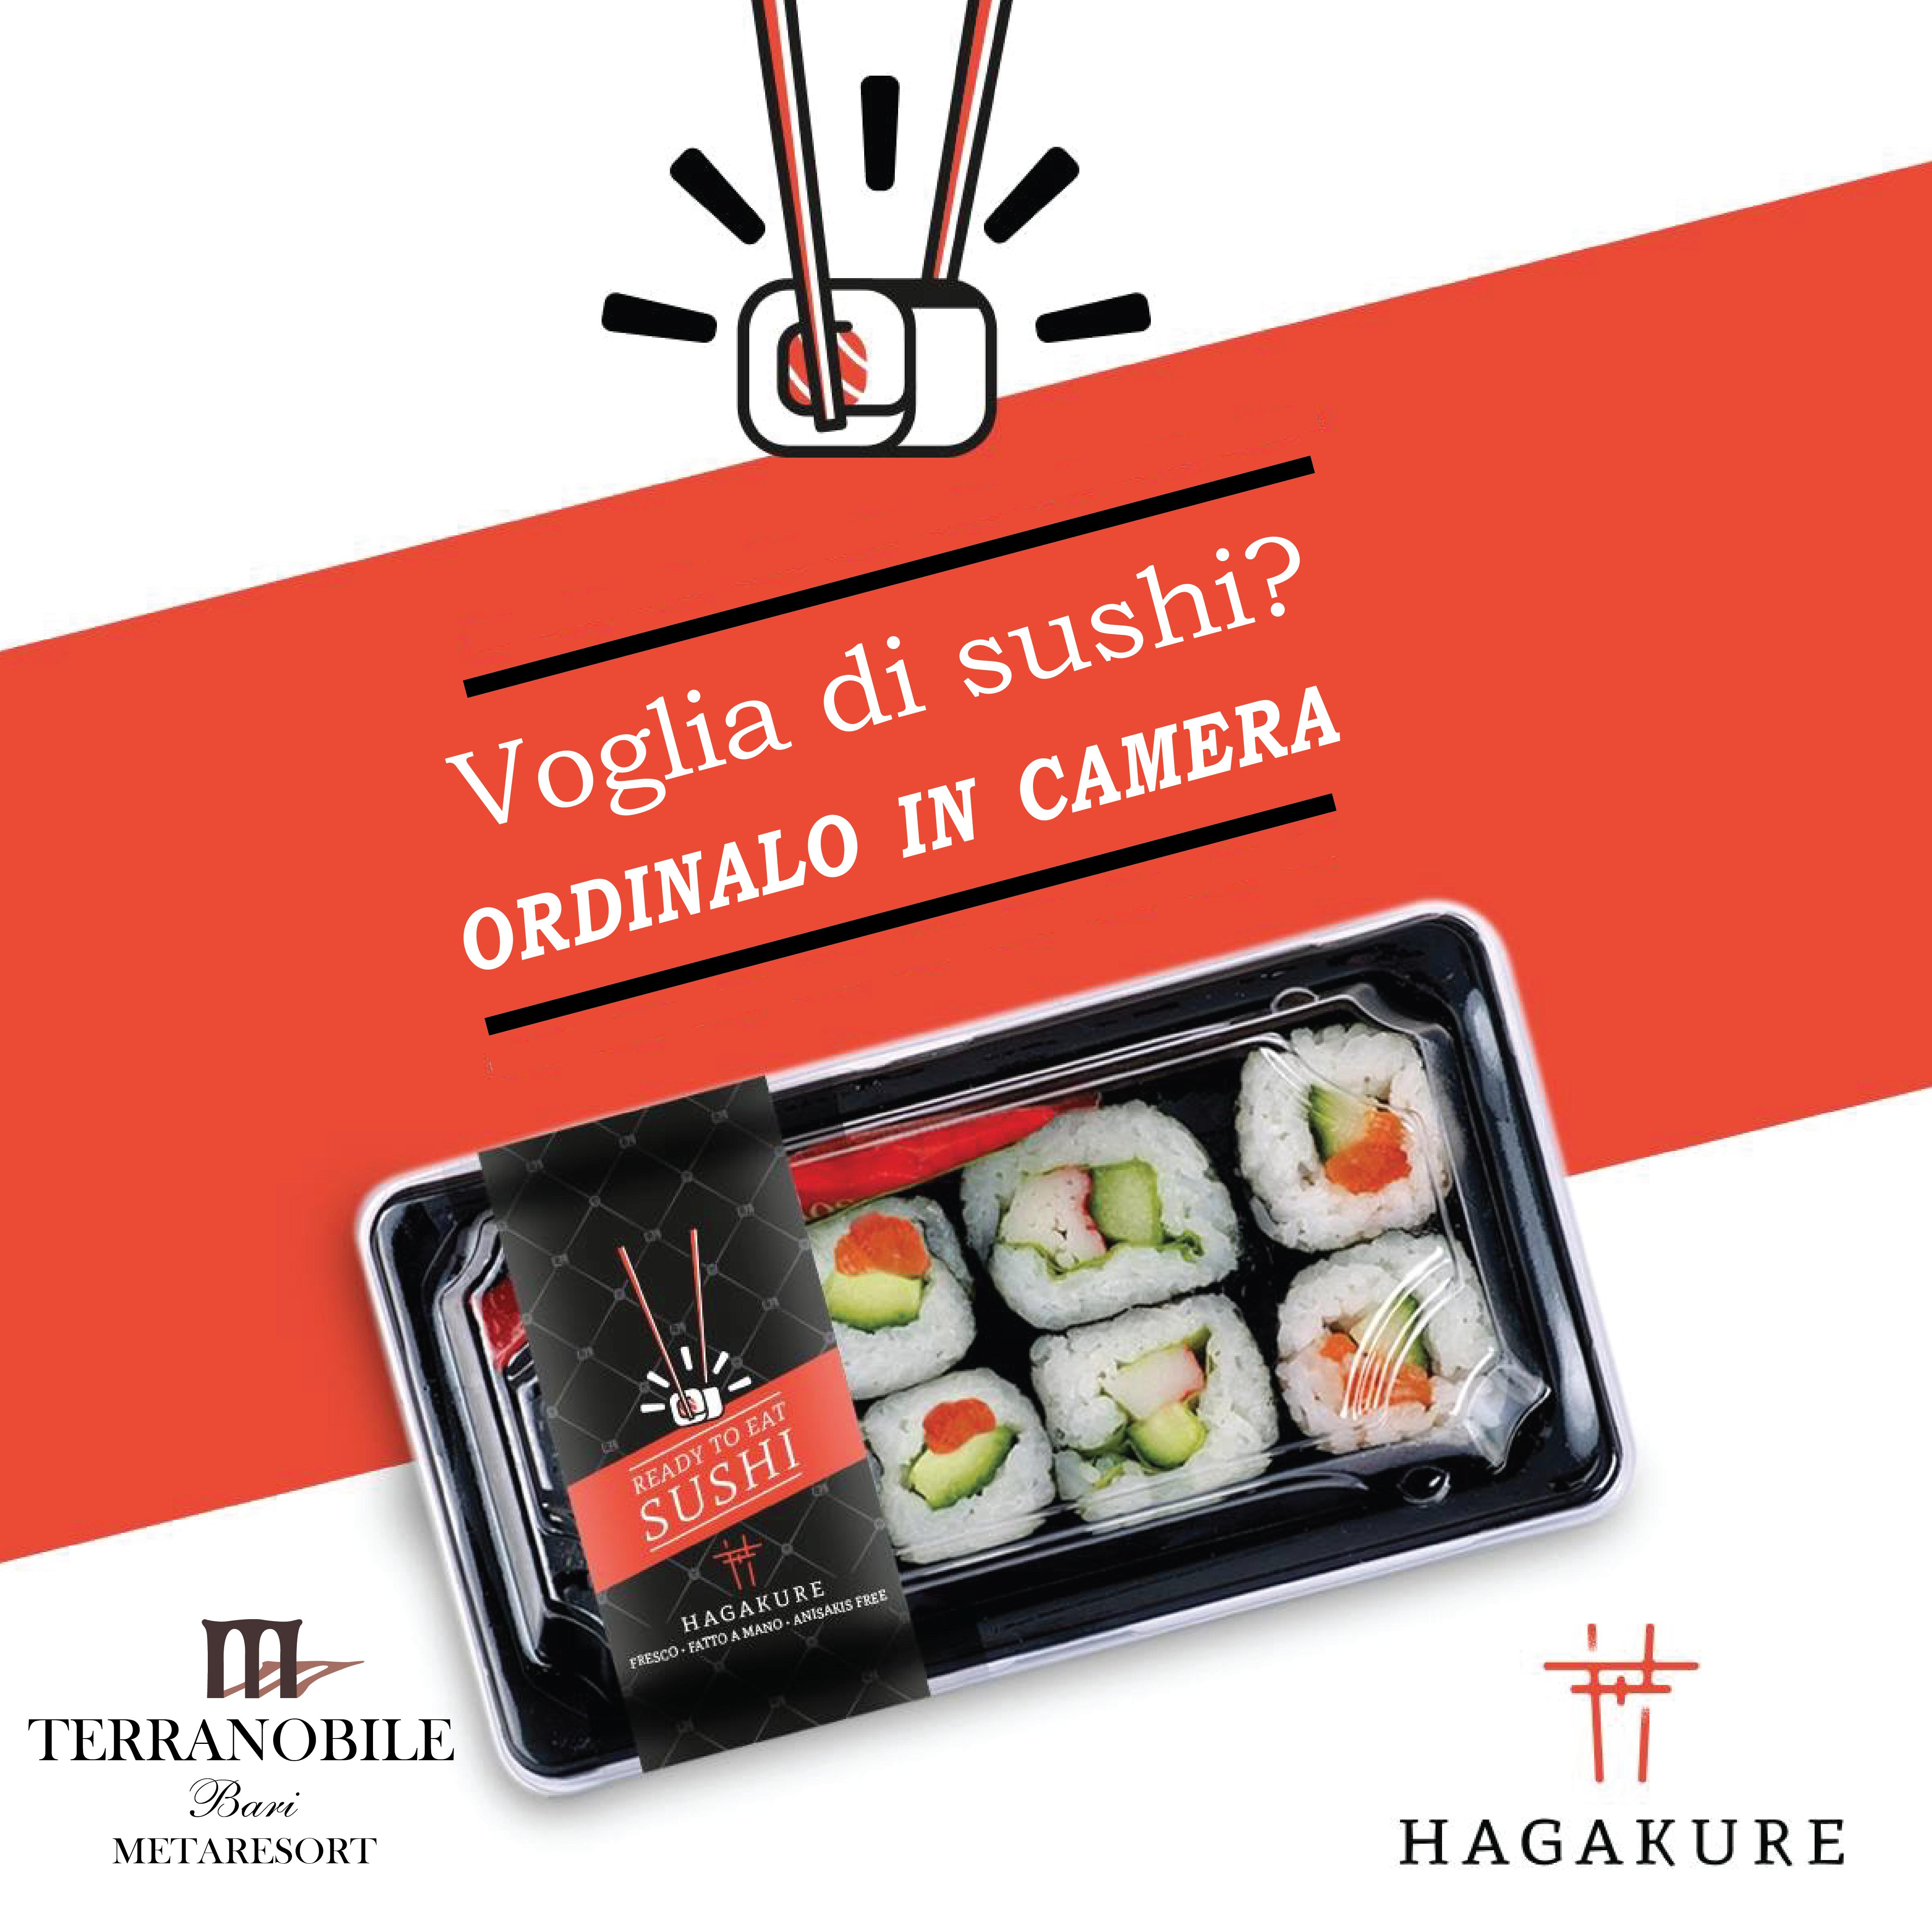 hagakure sushi fusion Voglia di Sushi? Ordinalo comodamente in camera!